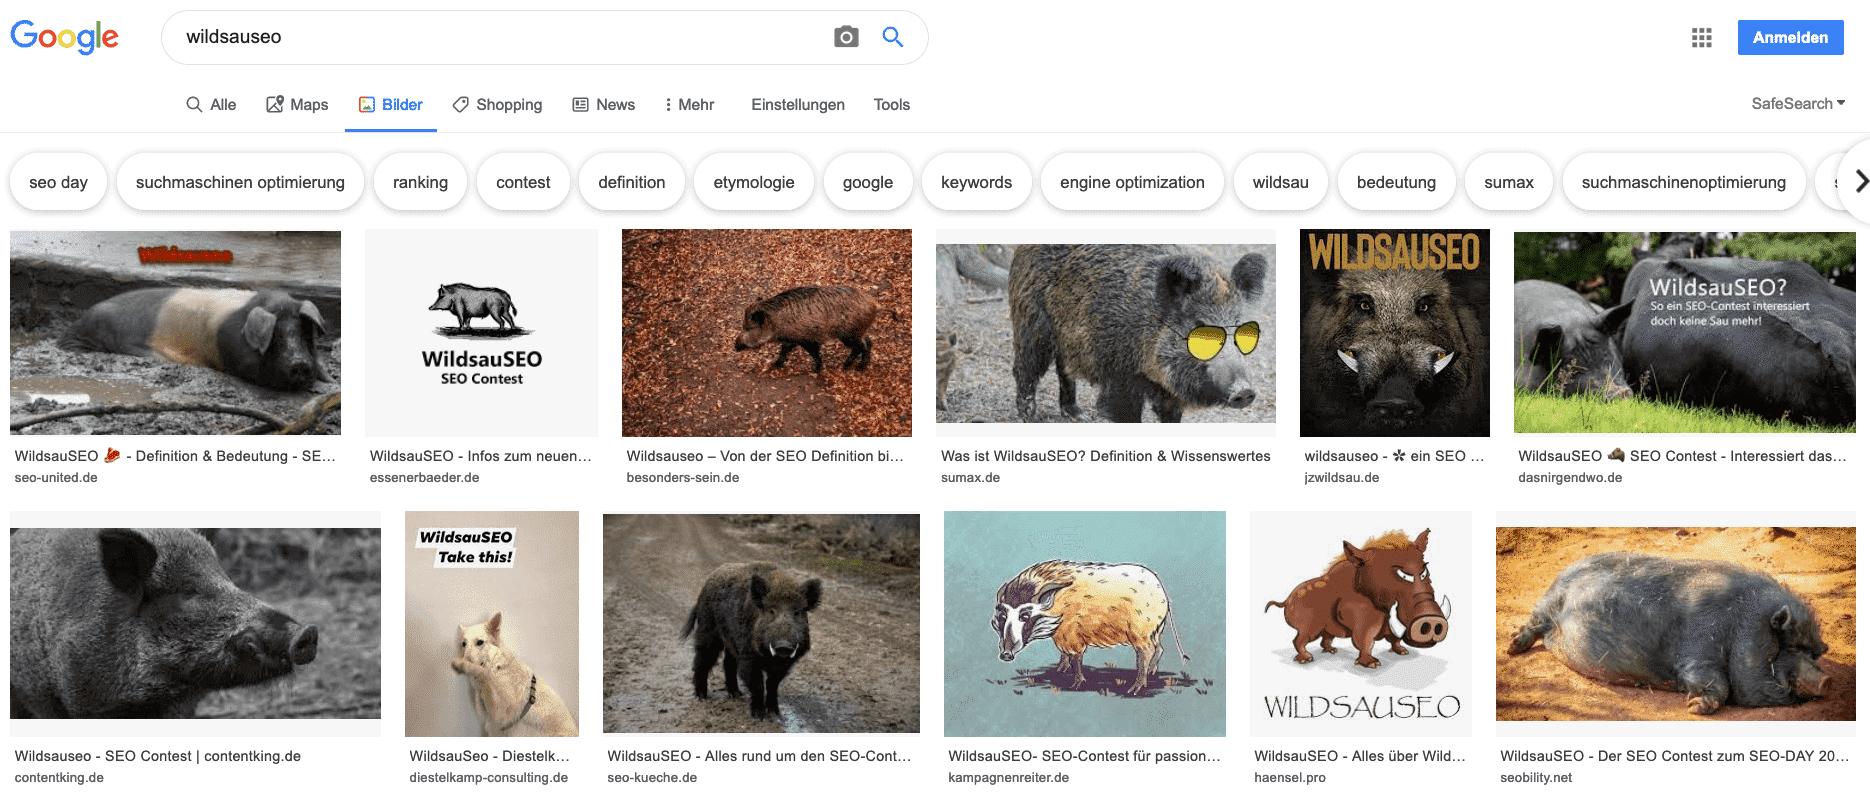 Dieses Bild zeigt Ergebnisse der Google Bildersuche zum WildsauSEO Contest